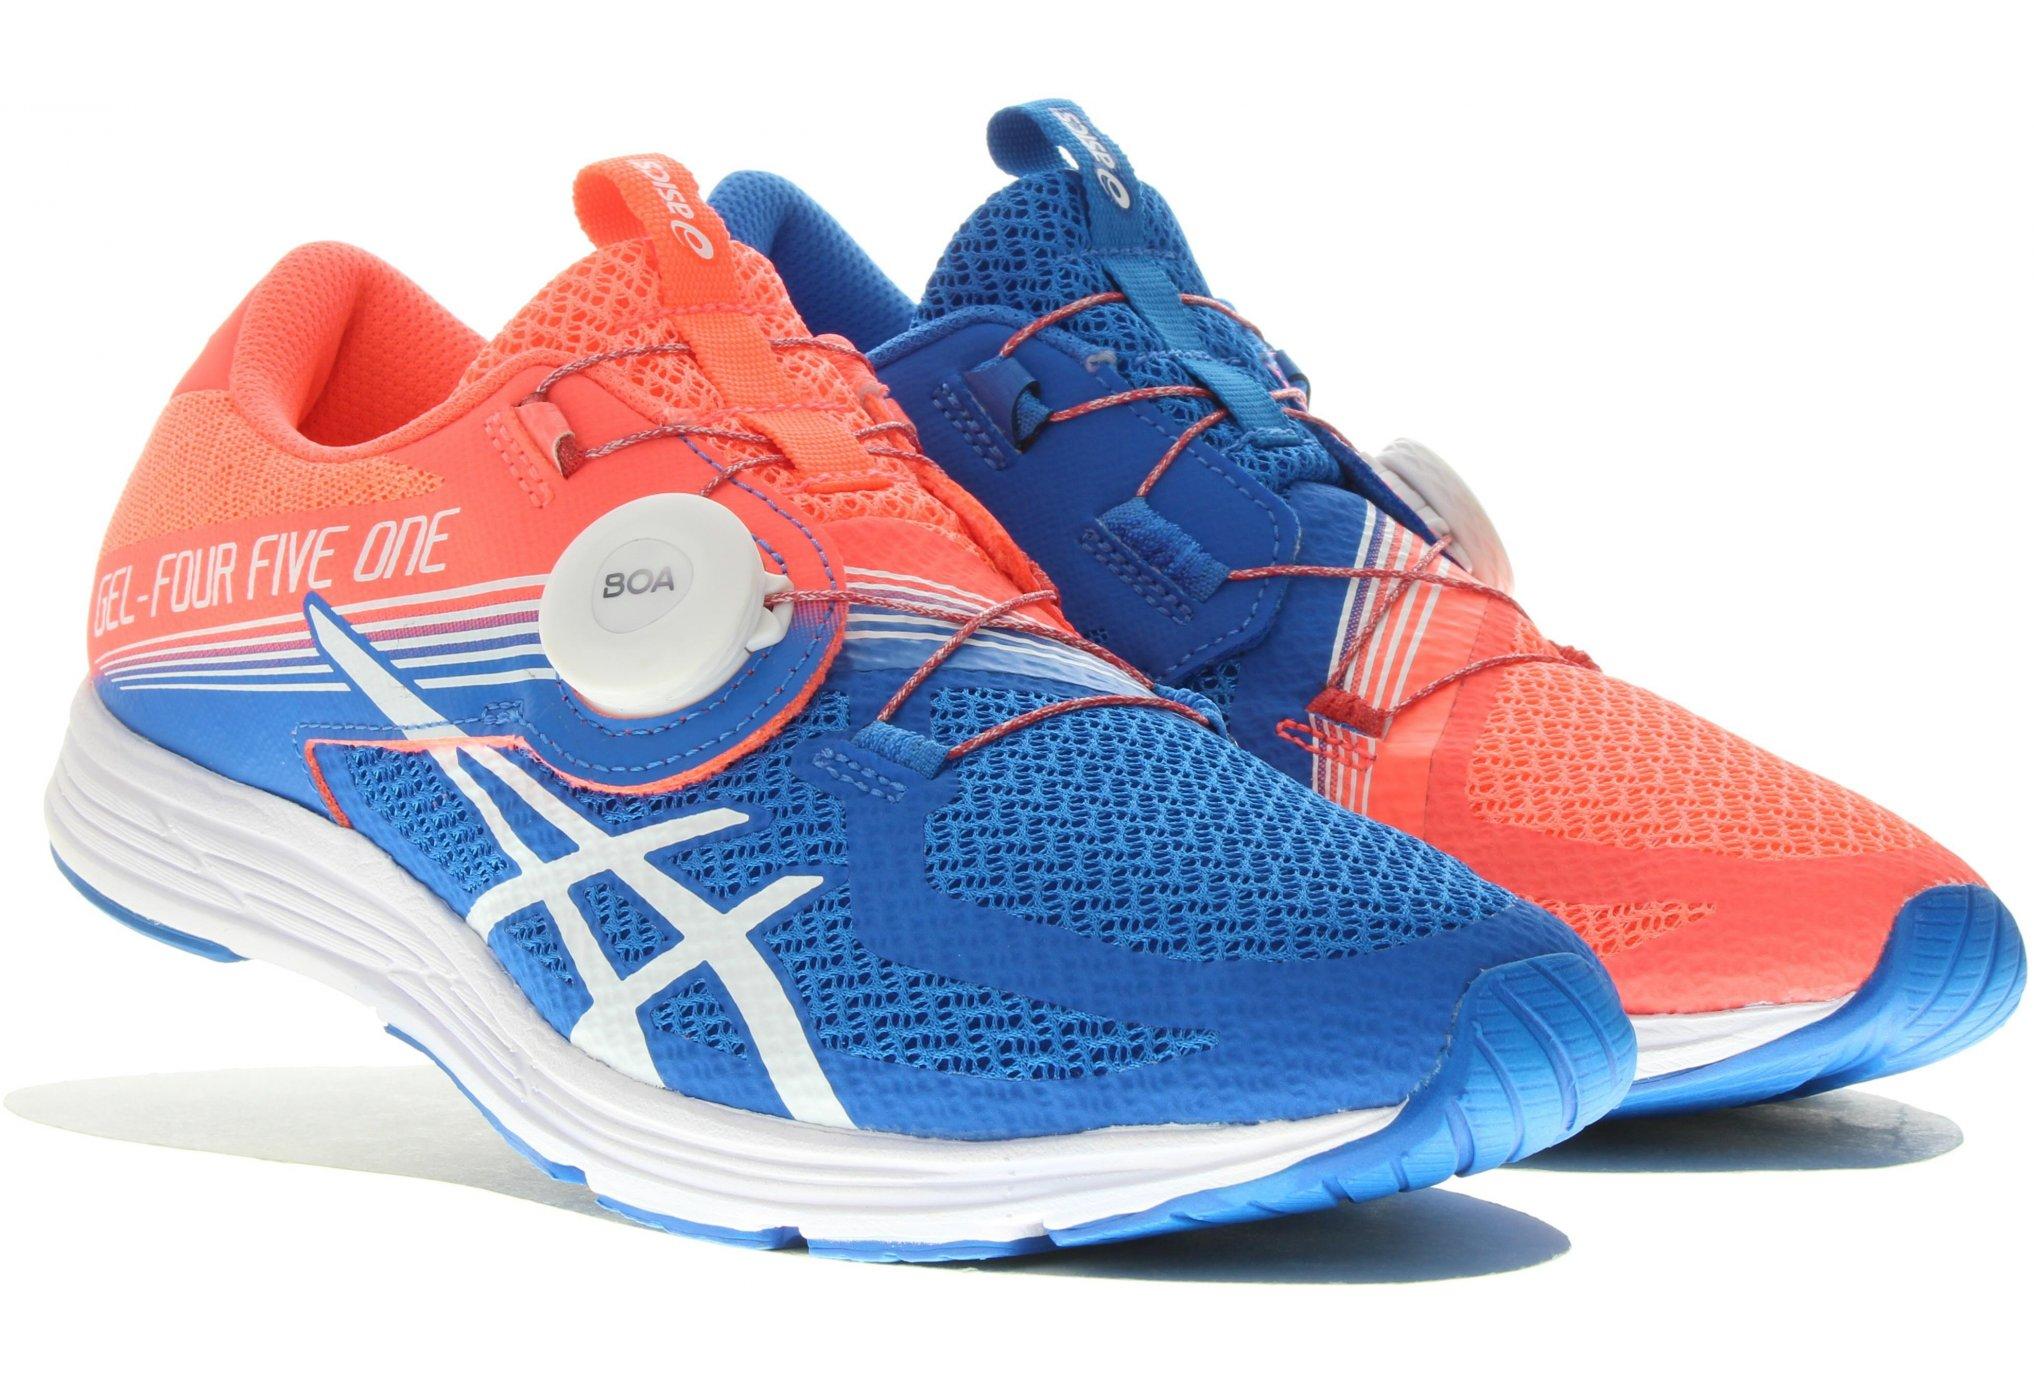 Asics Gel-451 W Chaussures running femme